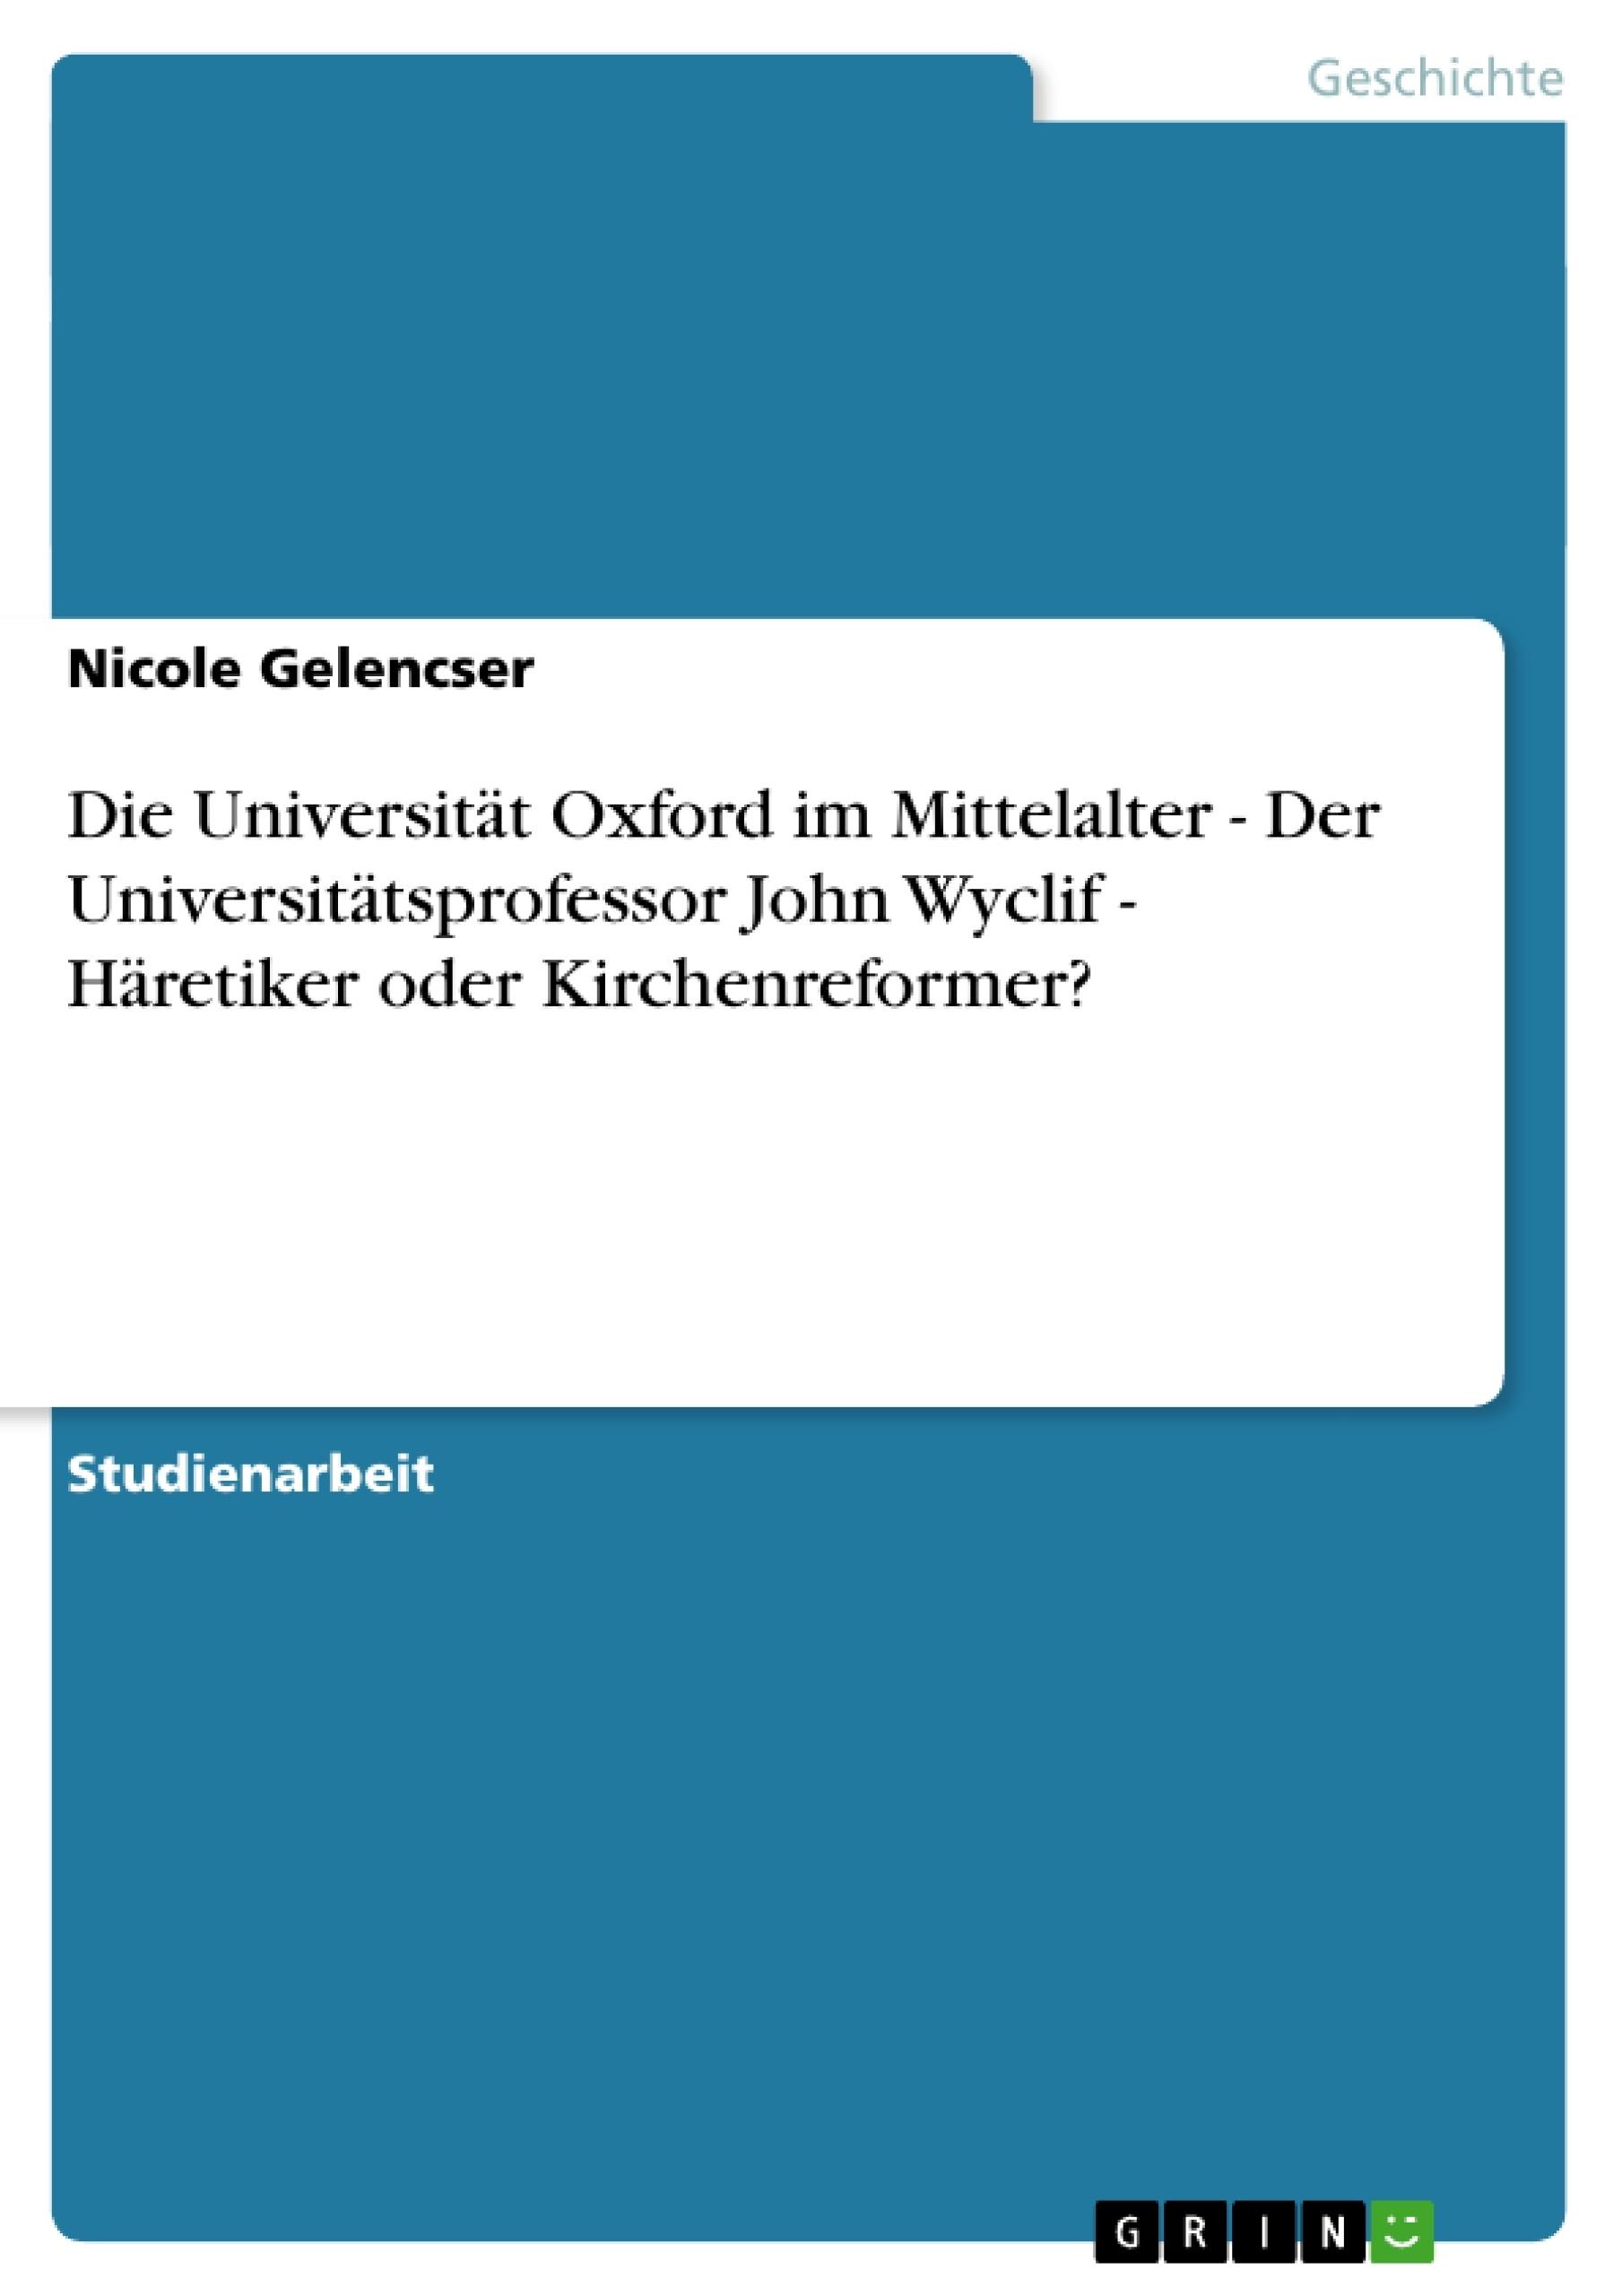 Titel: Die Universität Oxford im Mittelalter - Der Universitätsprofessor John Wyclif - Häretiker oder Kirchenreformer?